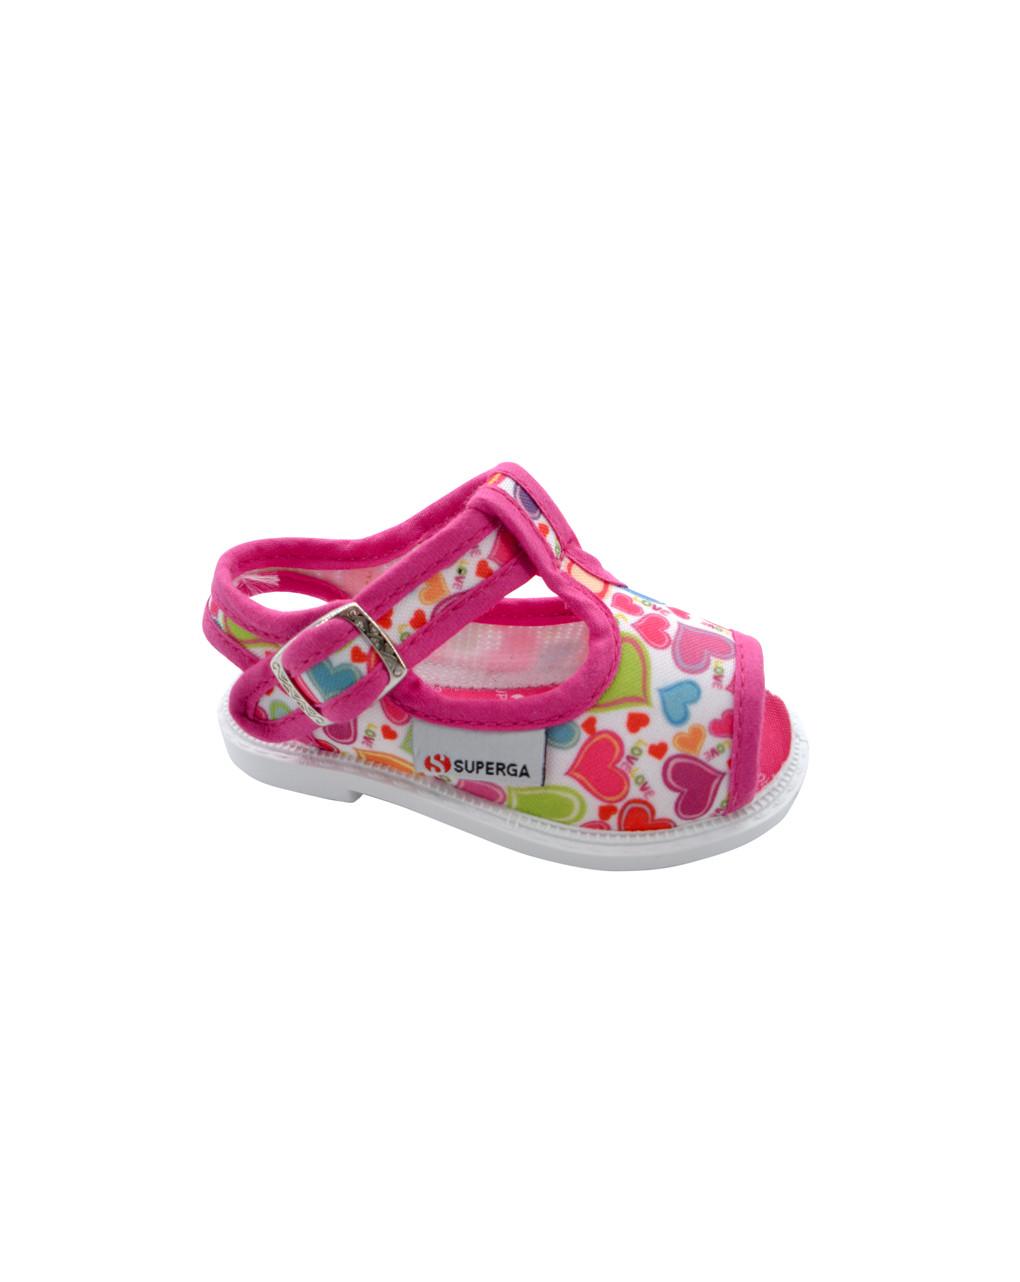 Sandalo allover cuori - Superga